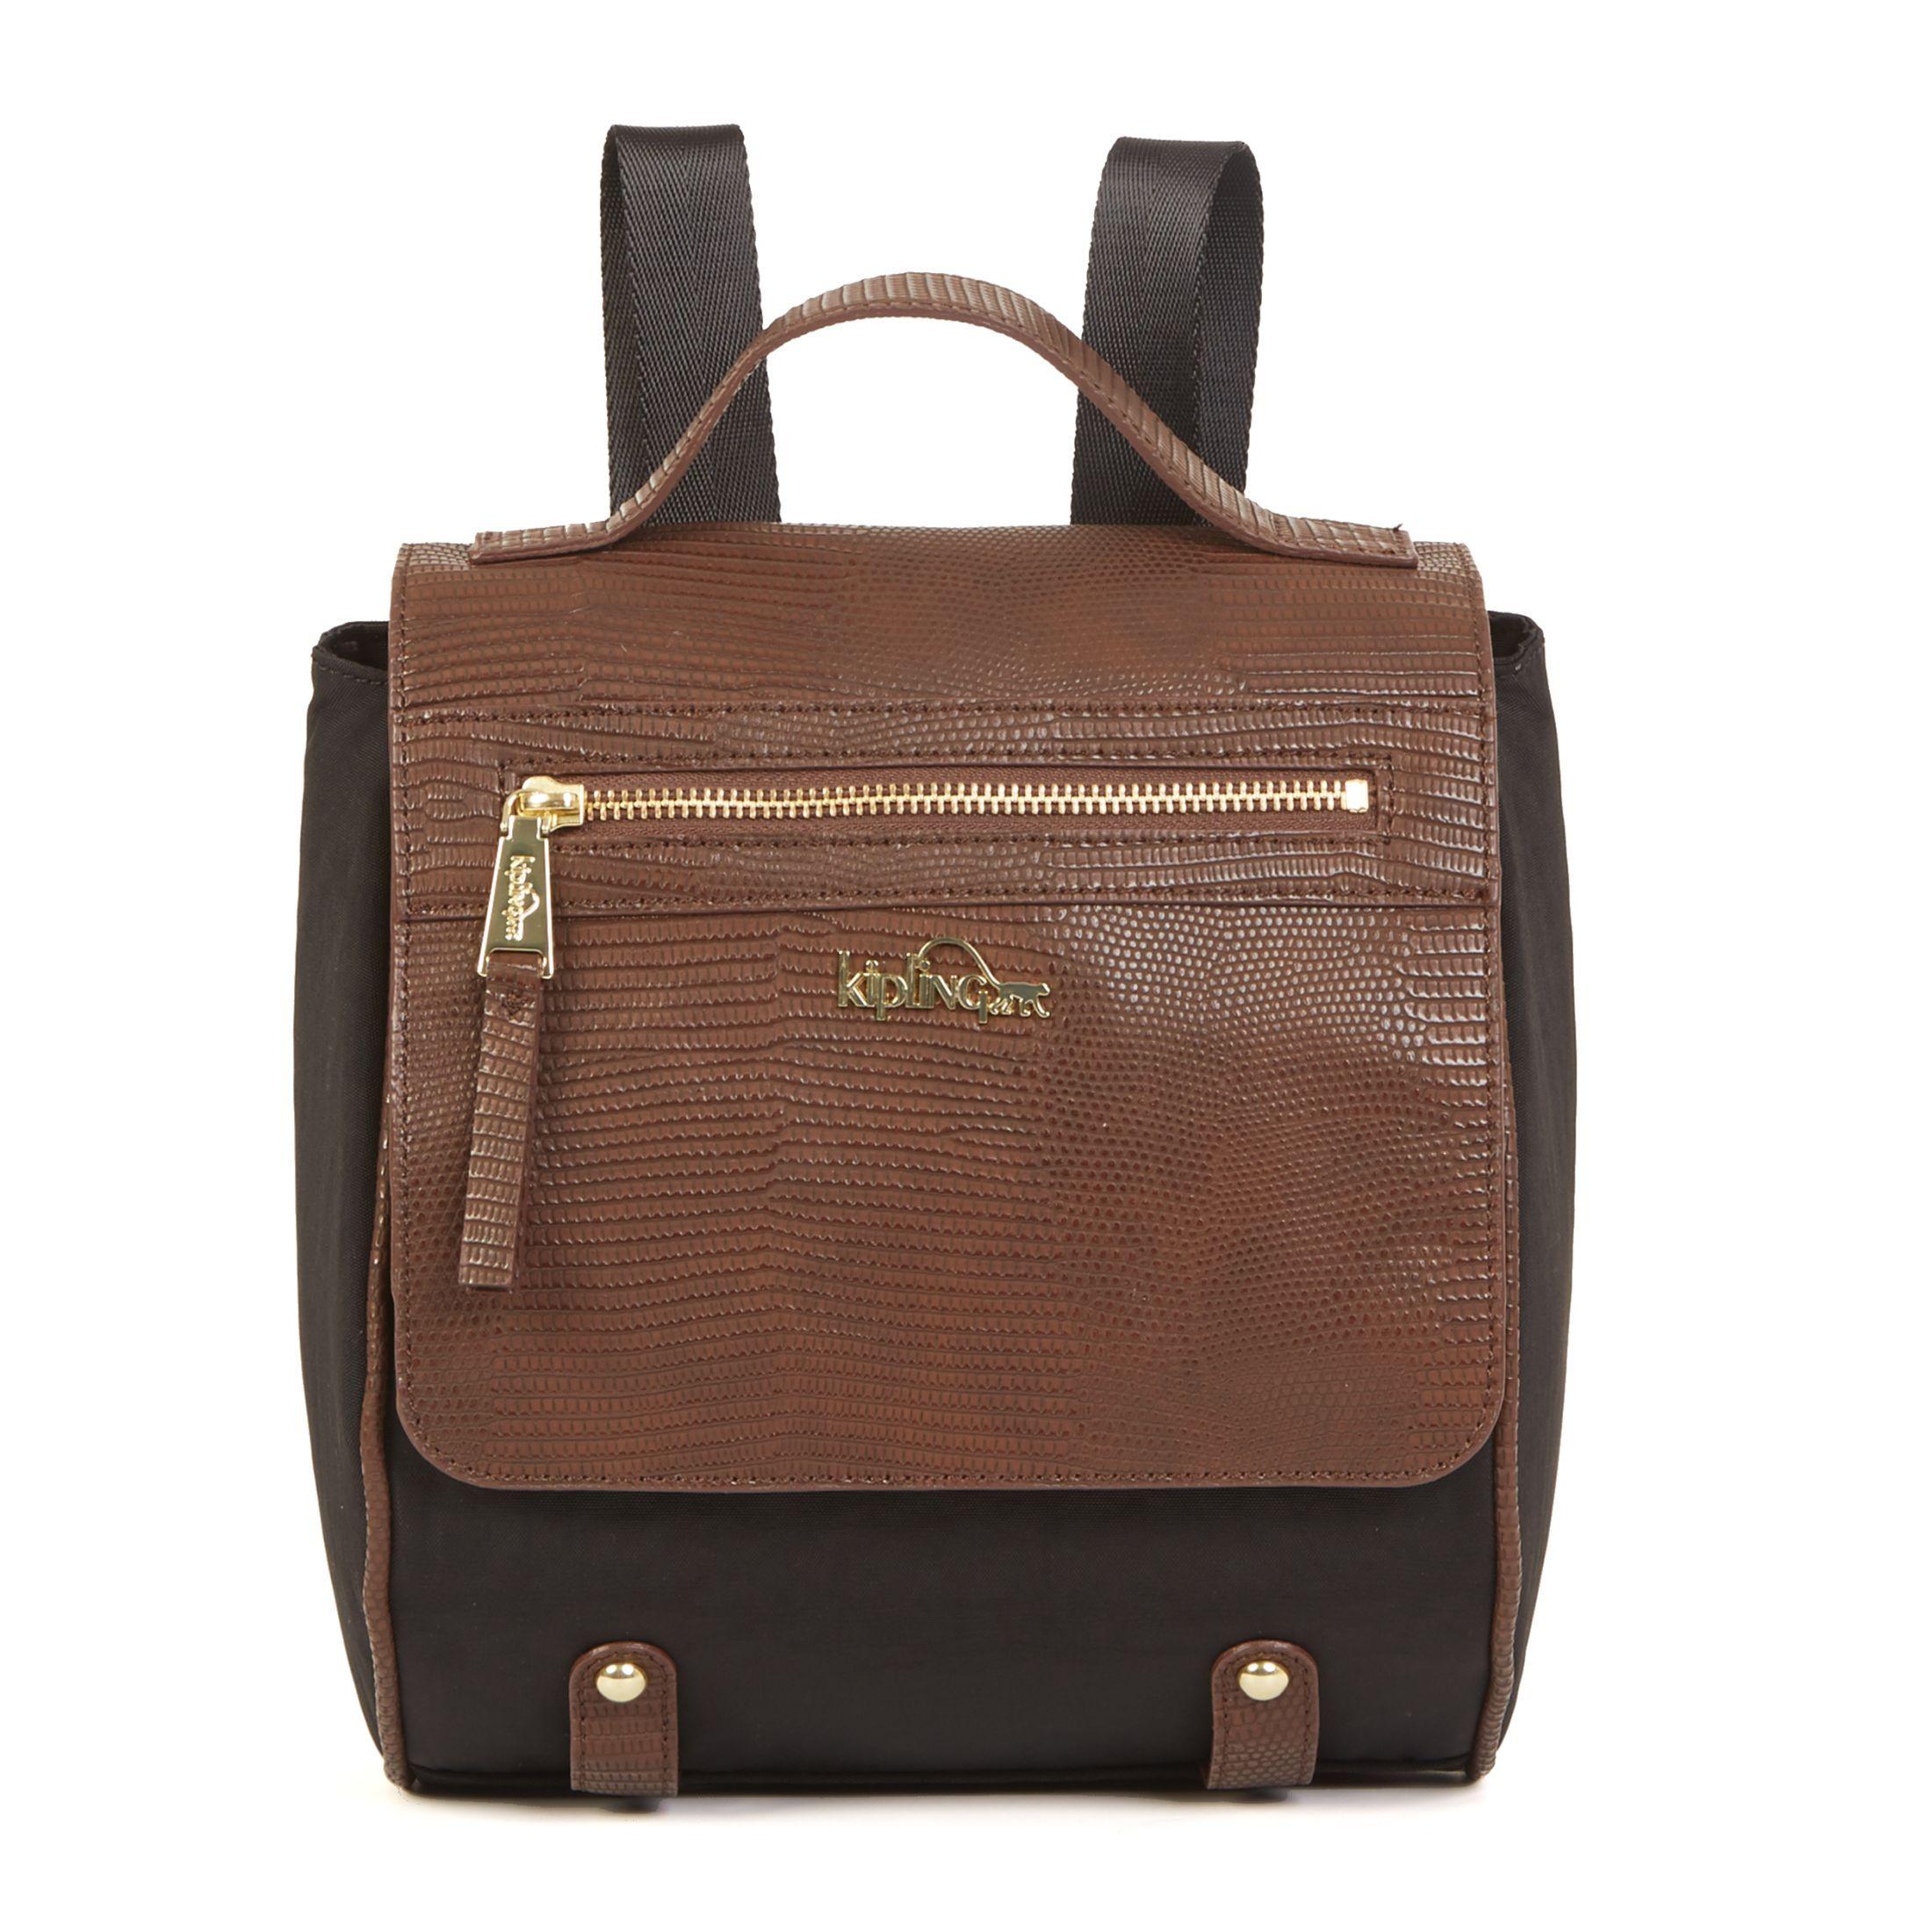 priscilla backpack | kipling bags - bolsos, moda en accesorios